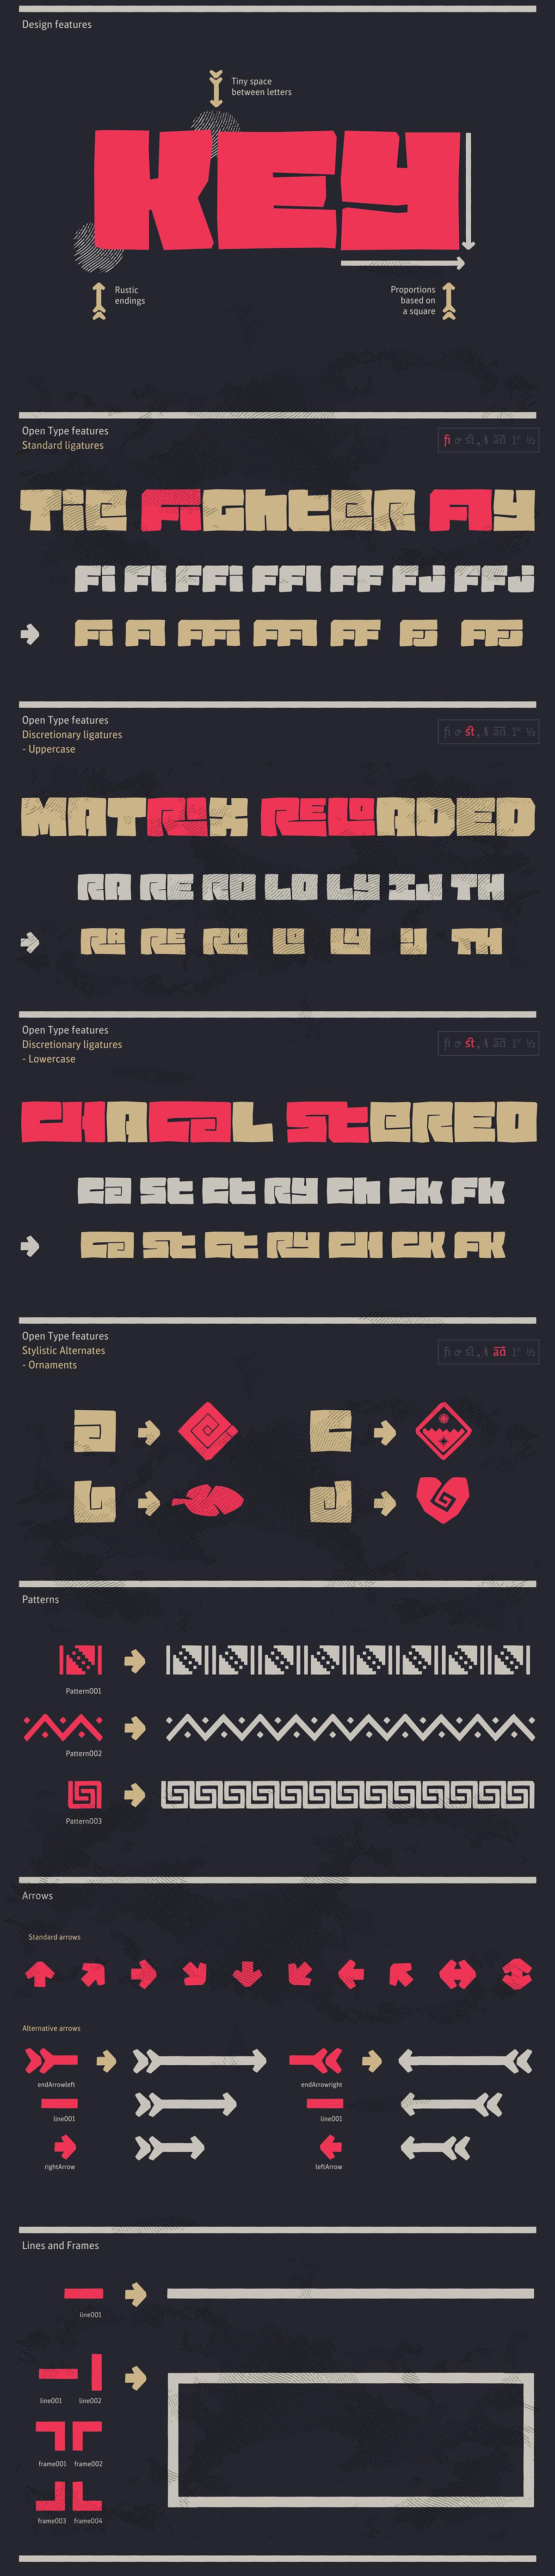 type design freebies Free font